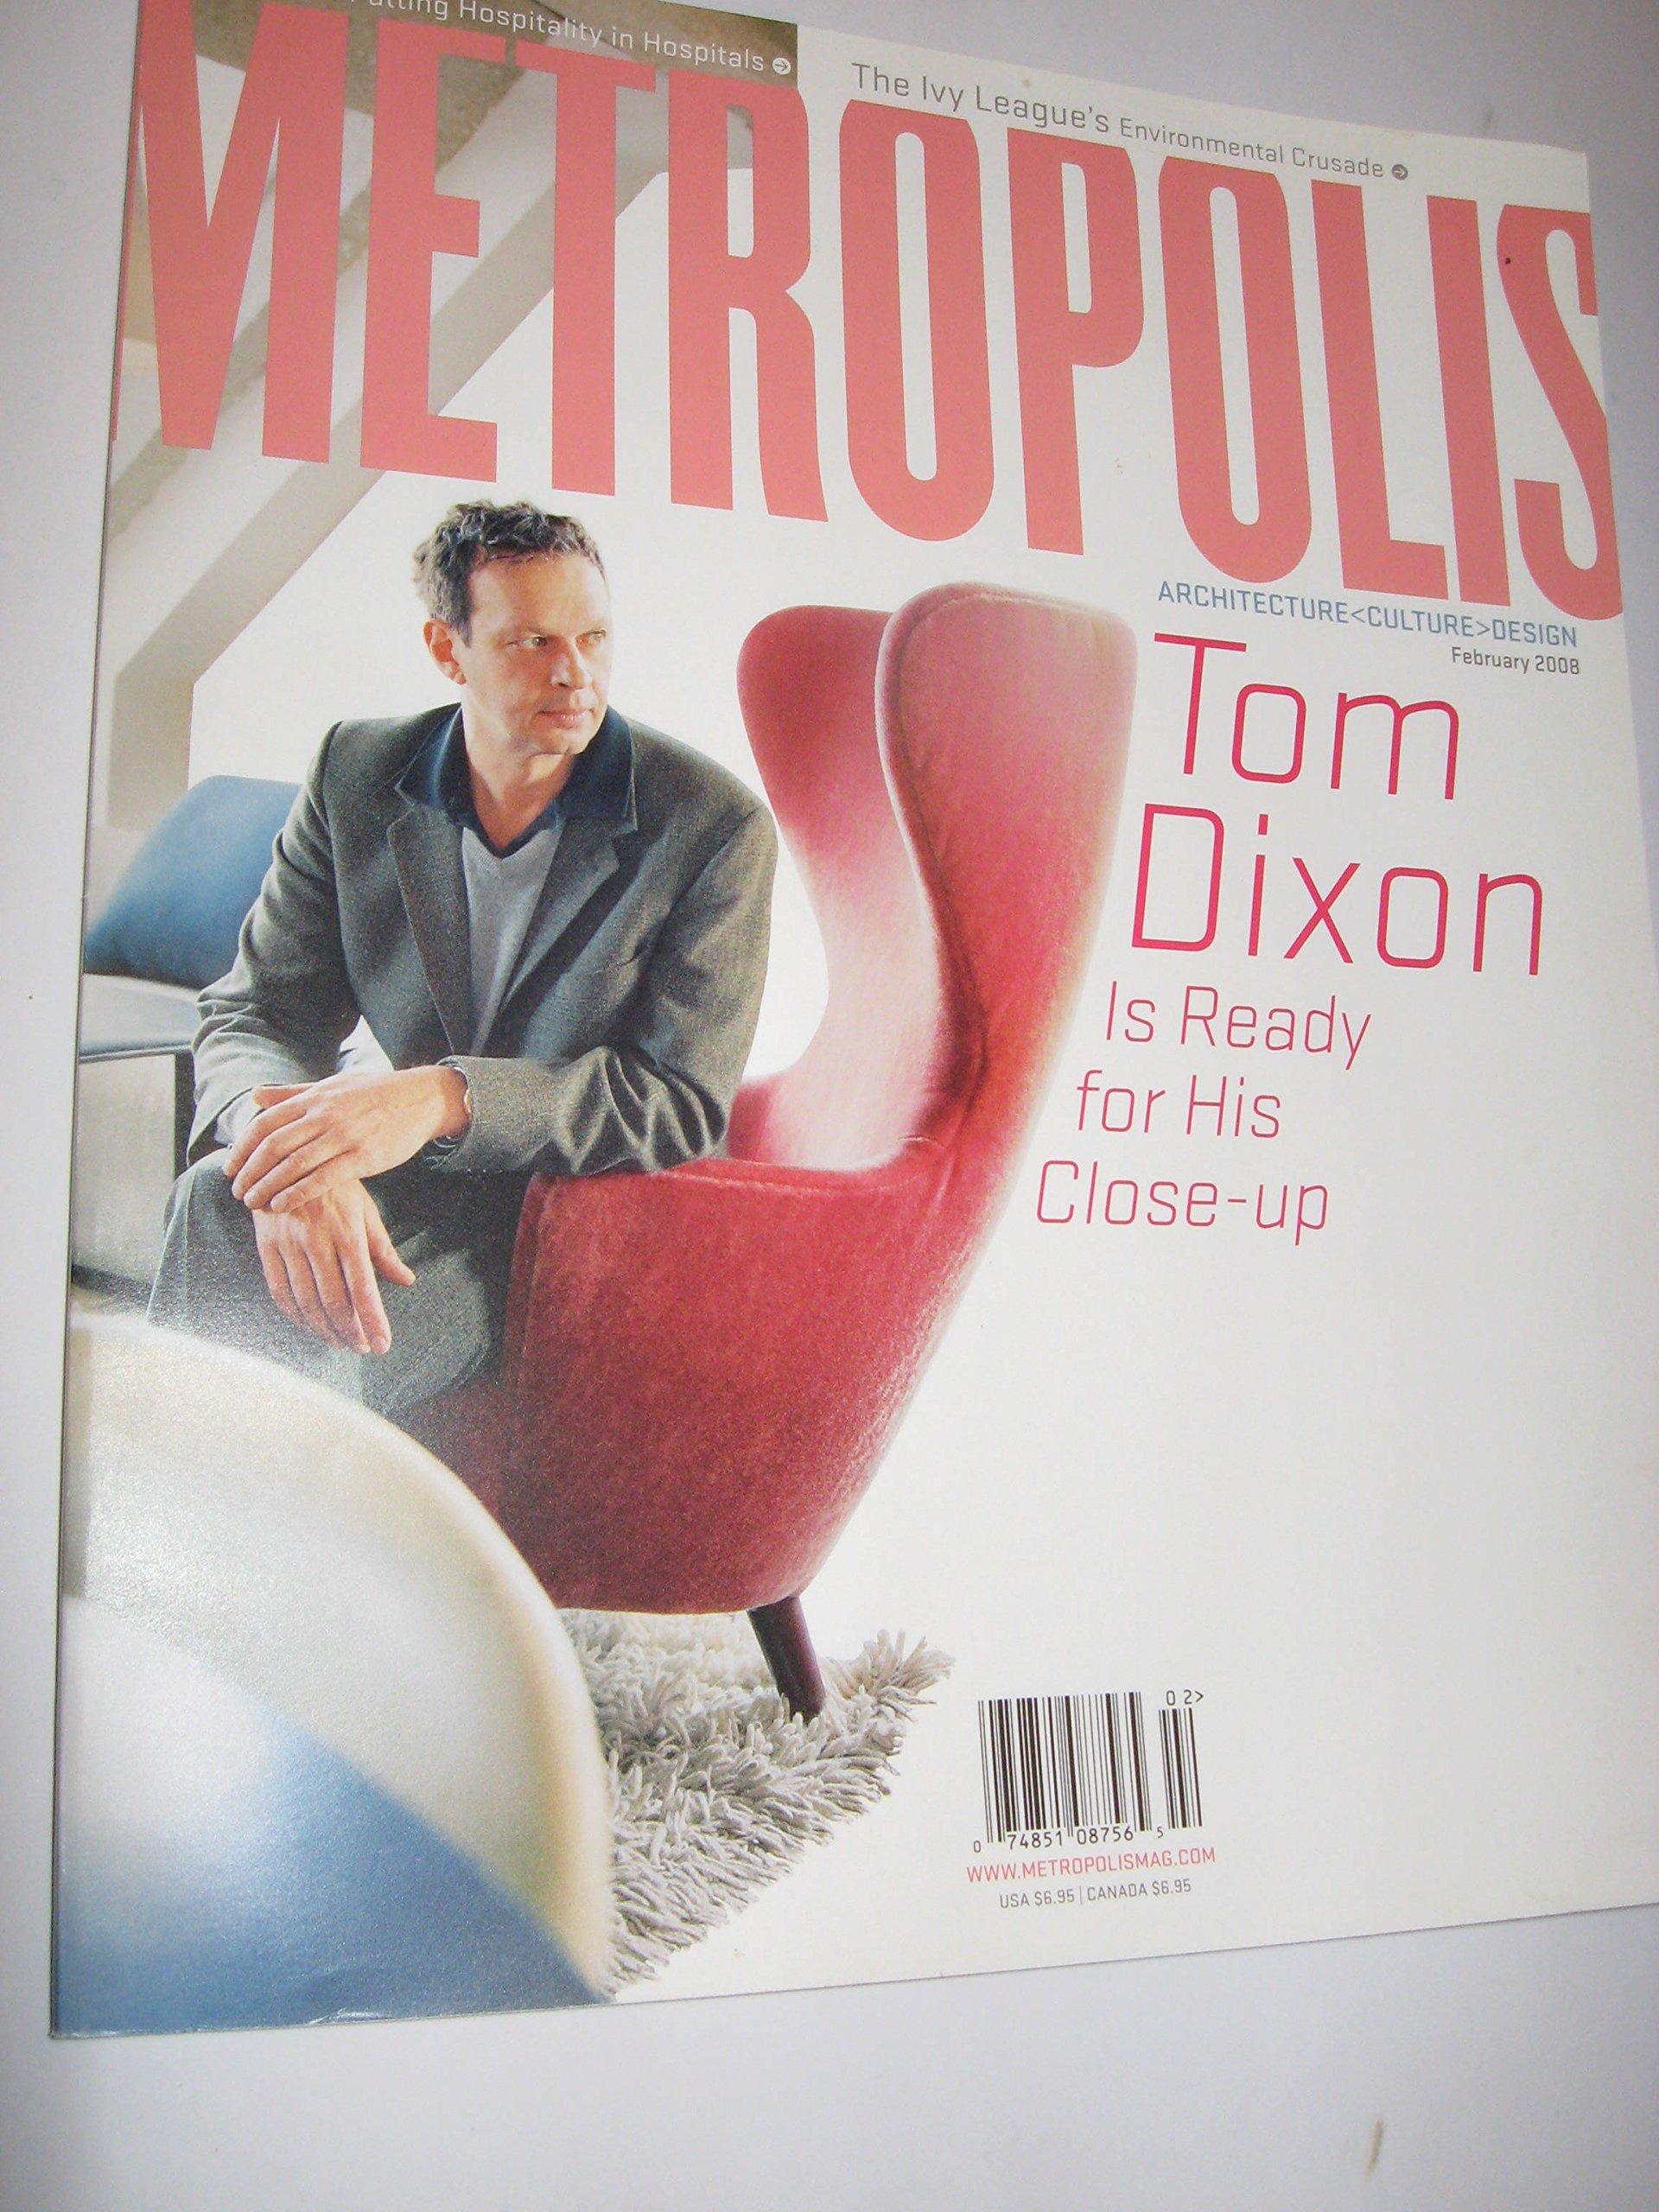 Metropolis Magazine, February 2008 (Tom Dixon Close-up, Ivy League Environmental Crusade)